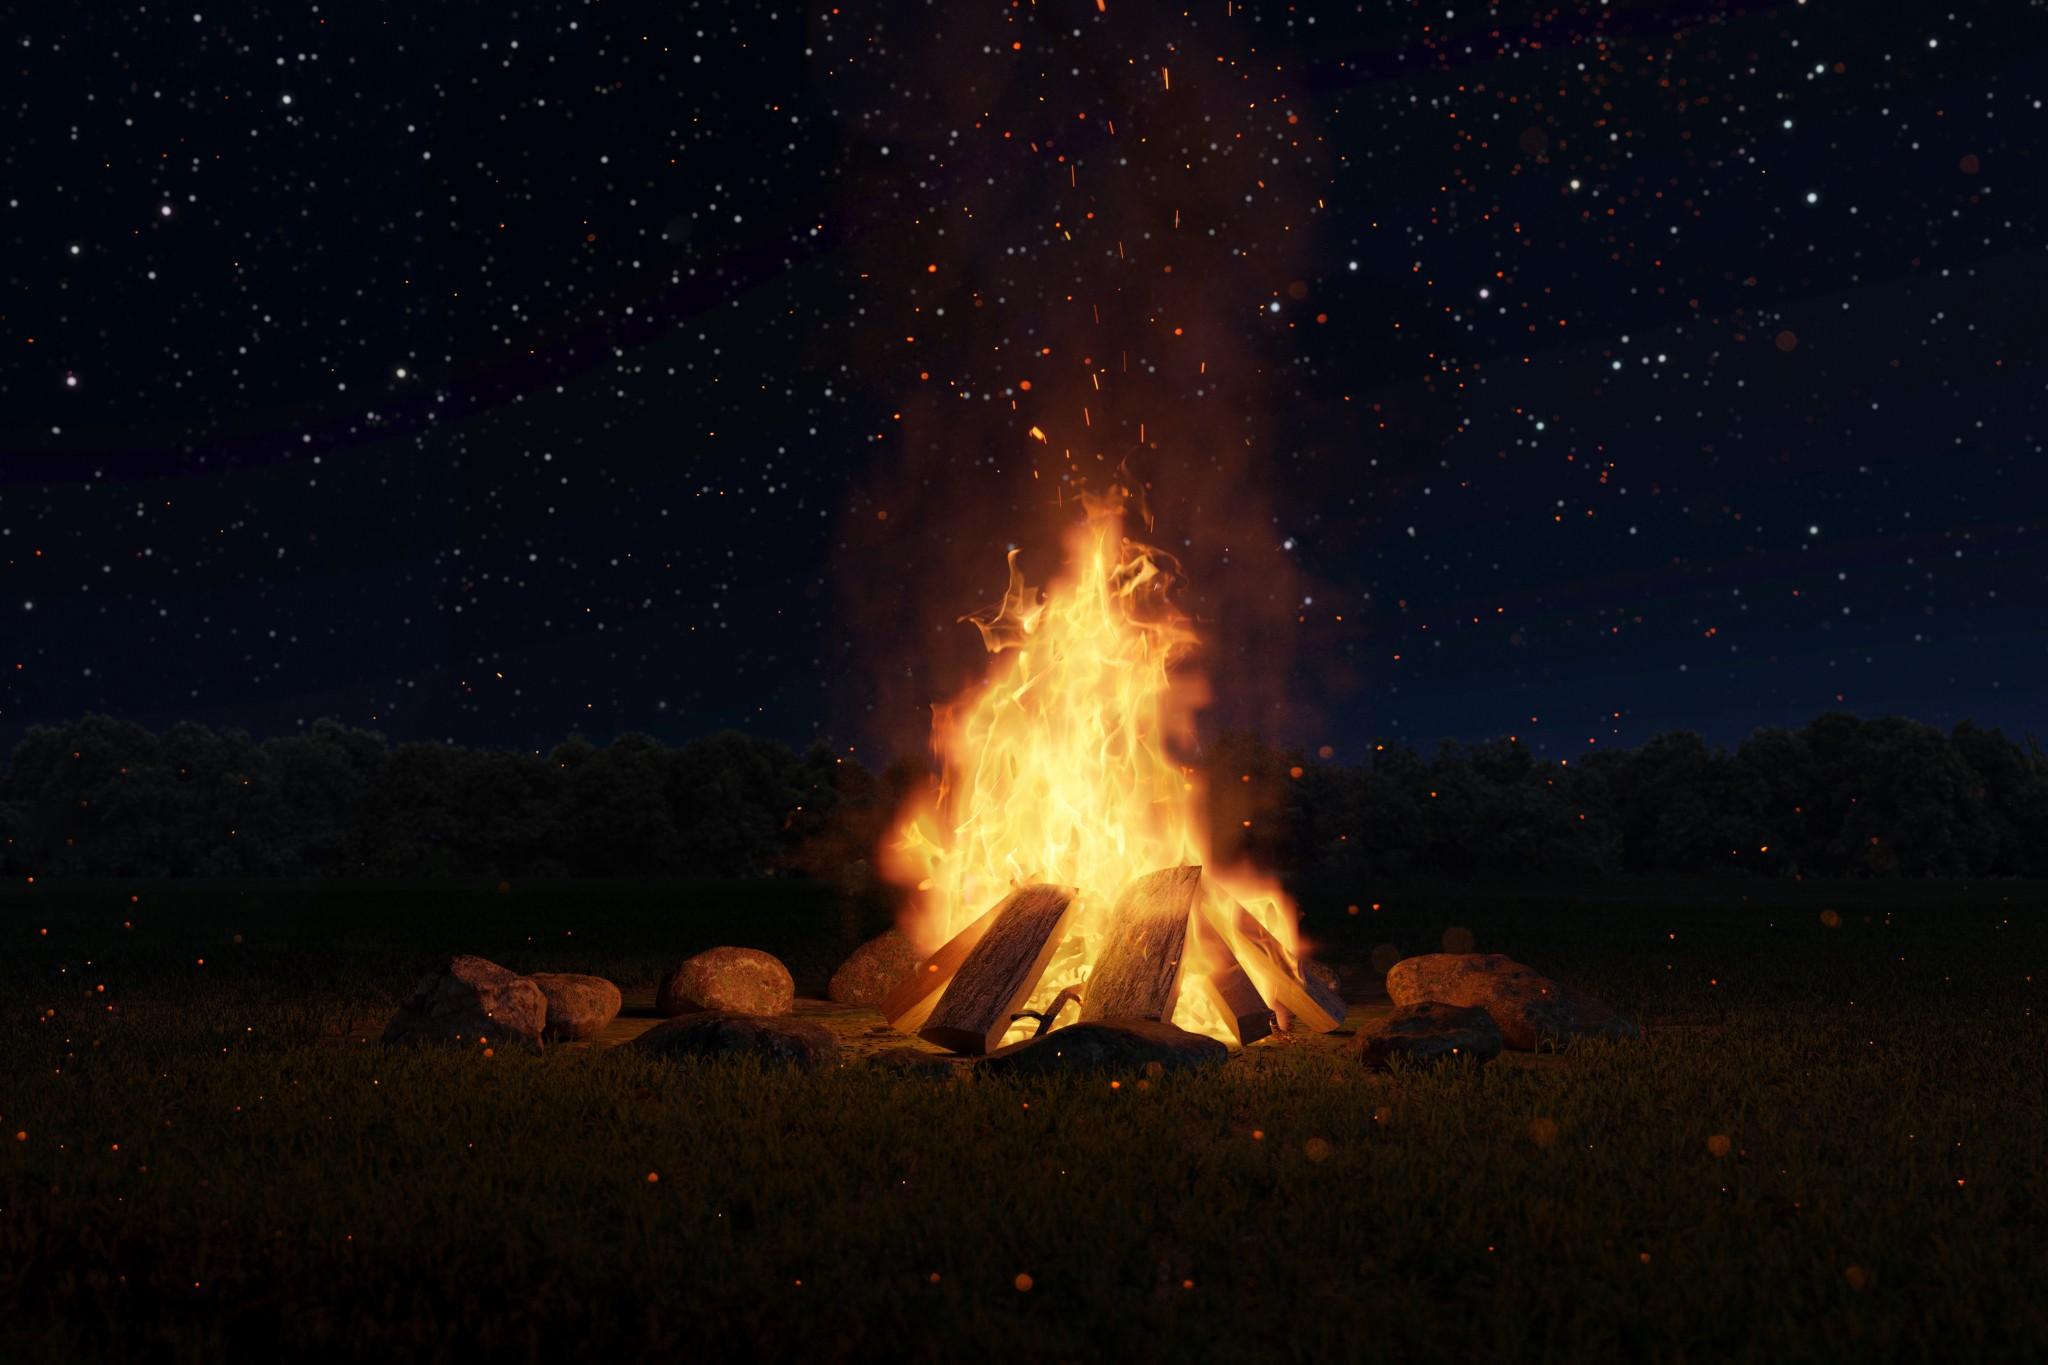 Feuerstelle in der Wildnis beim survival